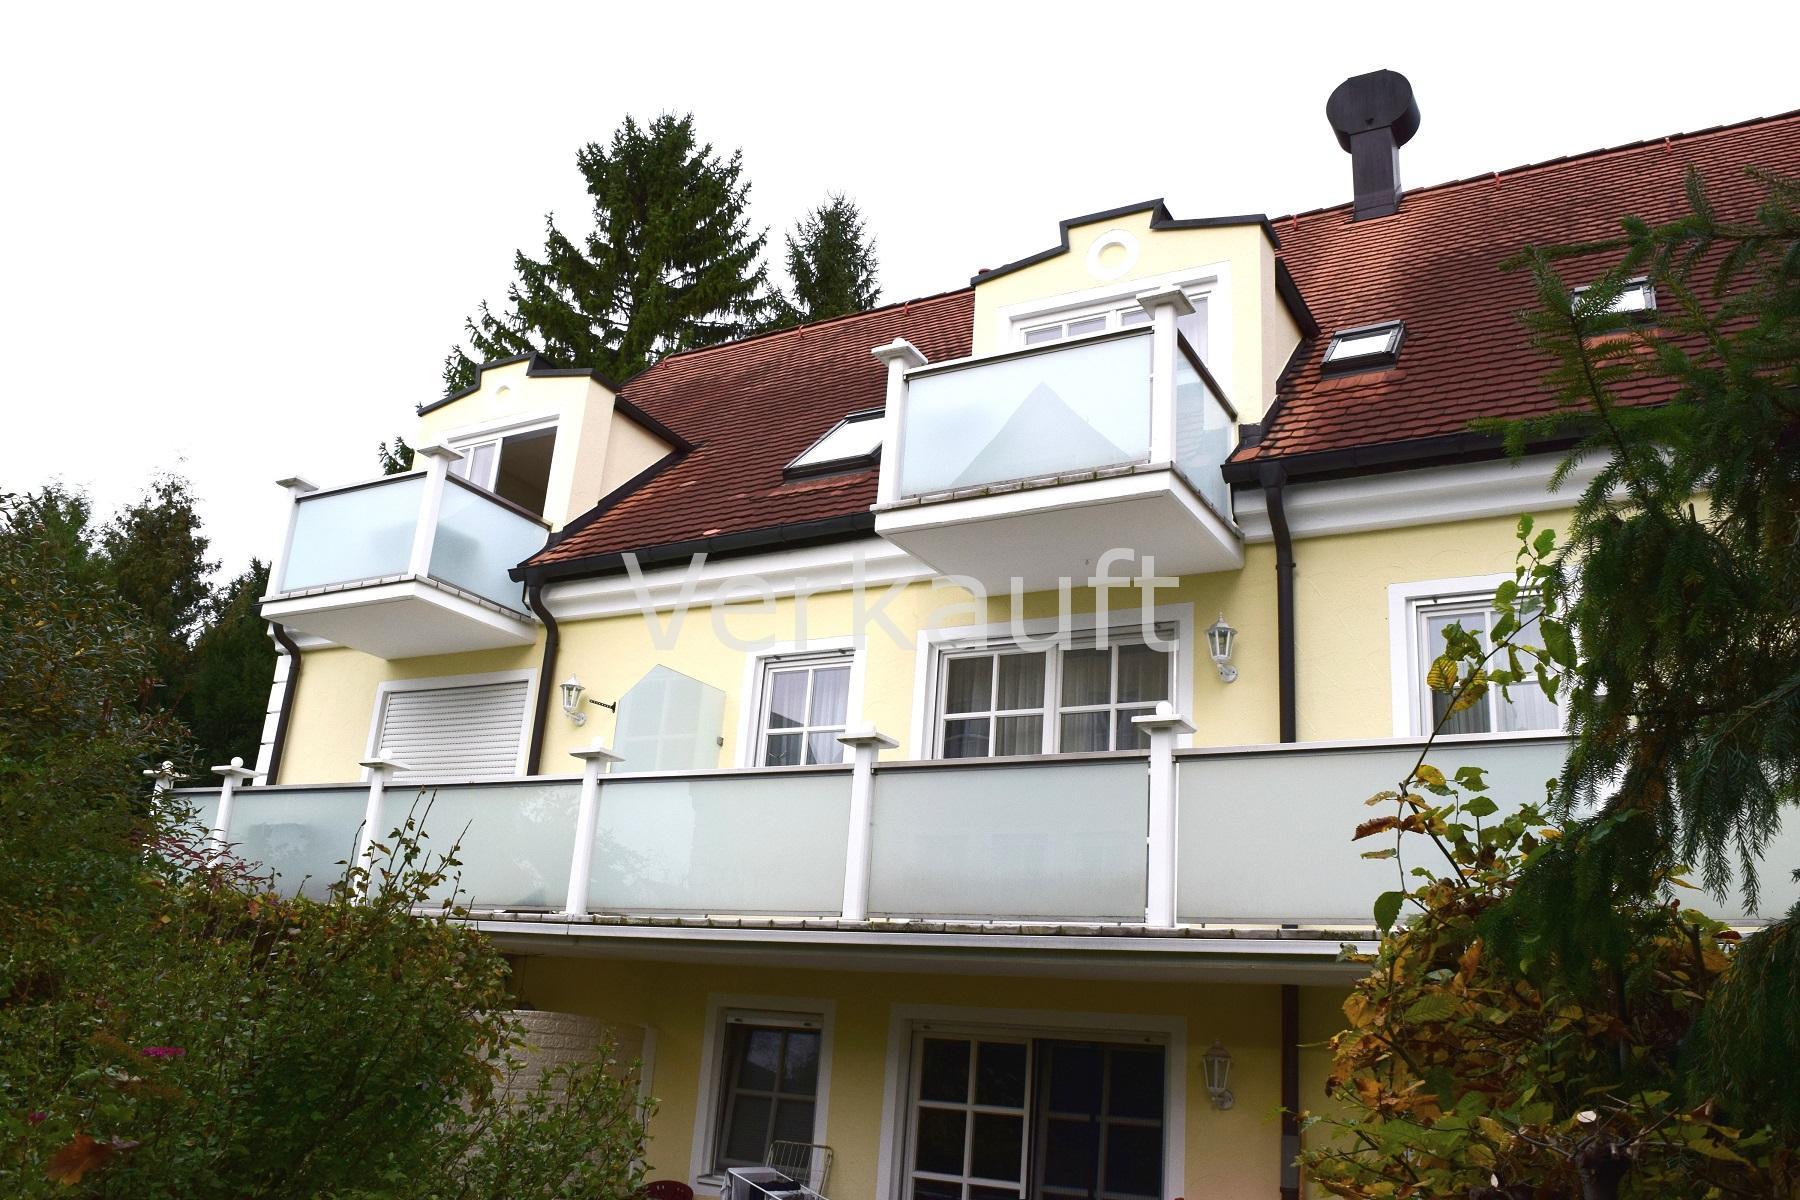 immobilien in f rstenfeldbruck umgebung. Black Bedroom Furniture Sets. Home Design Ideas